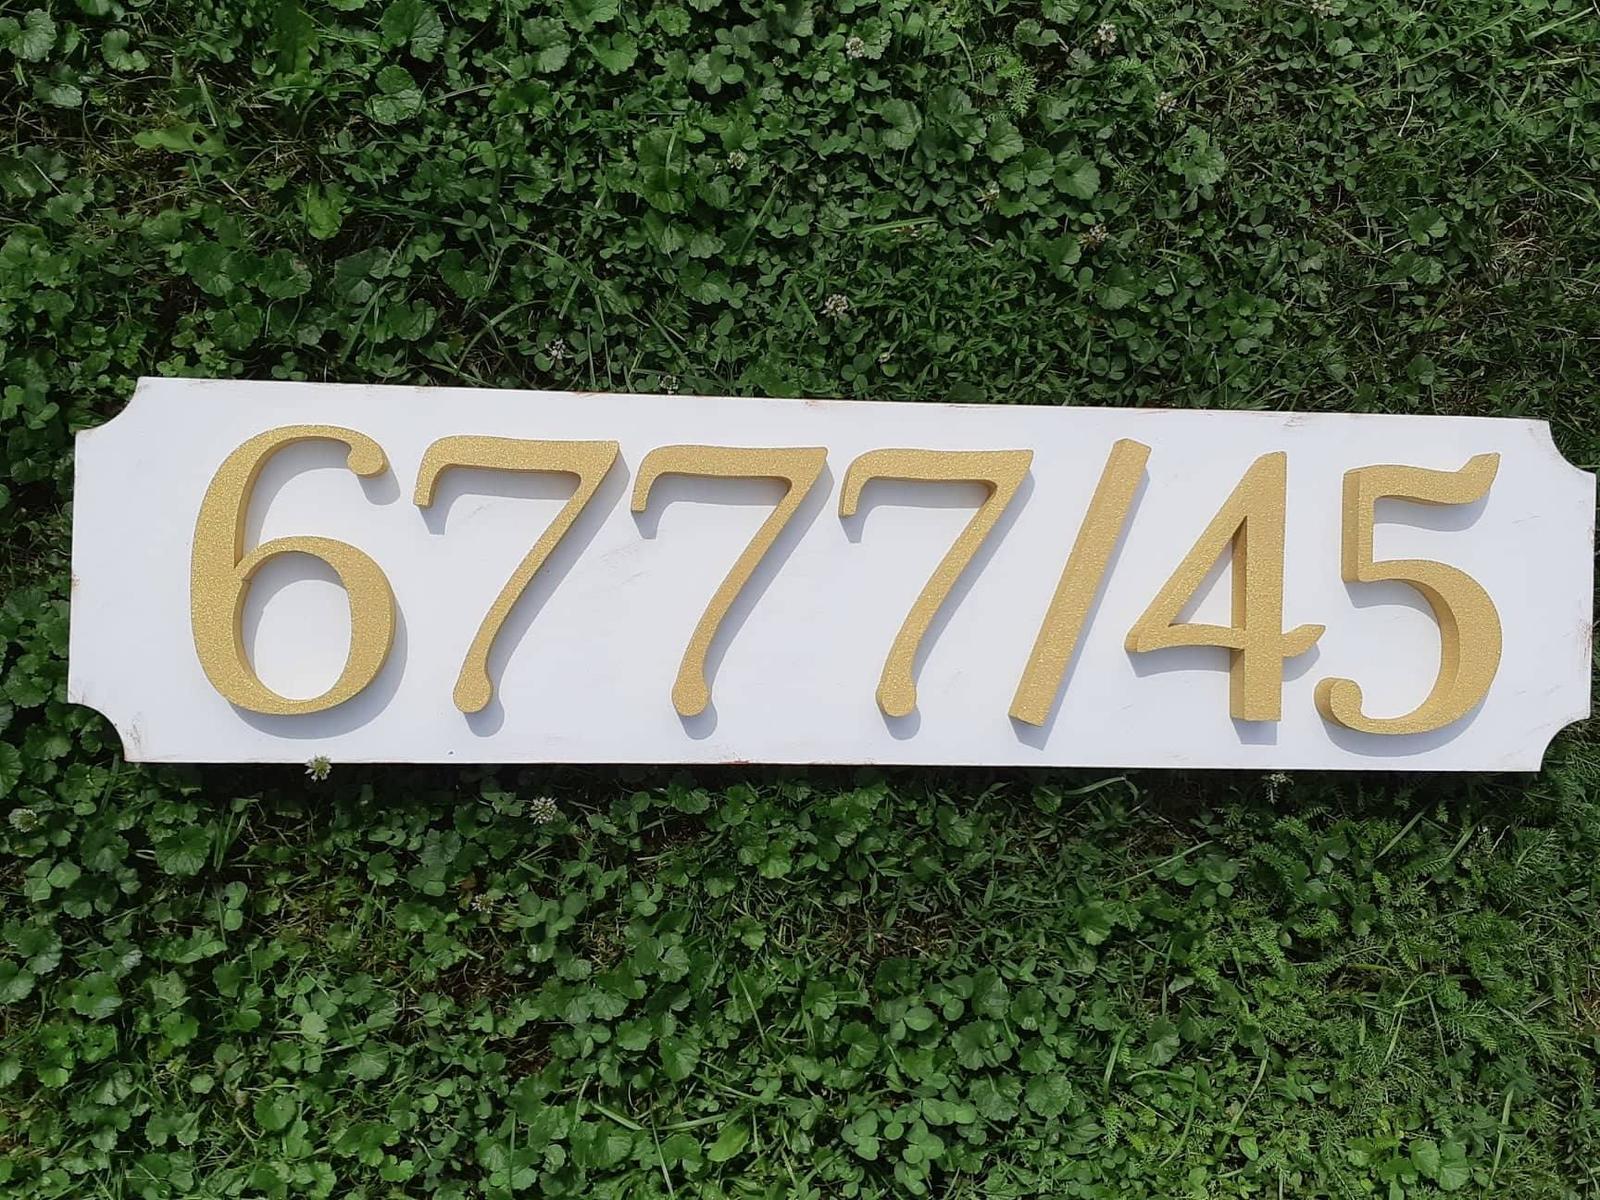 Súpisné číslo s tabuľkou - Obrázok č. 1